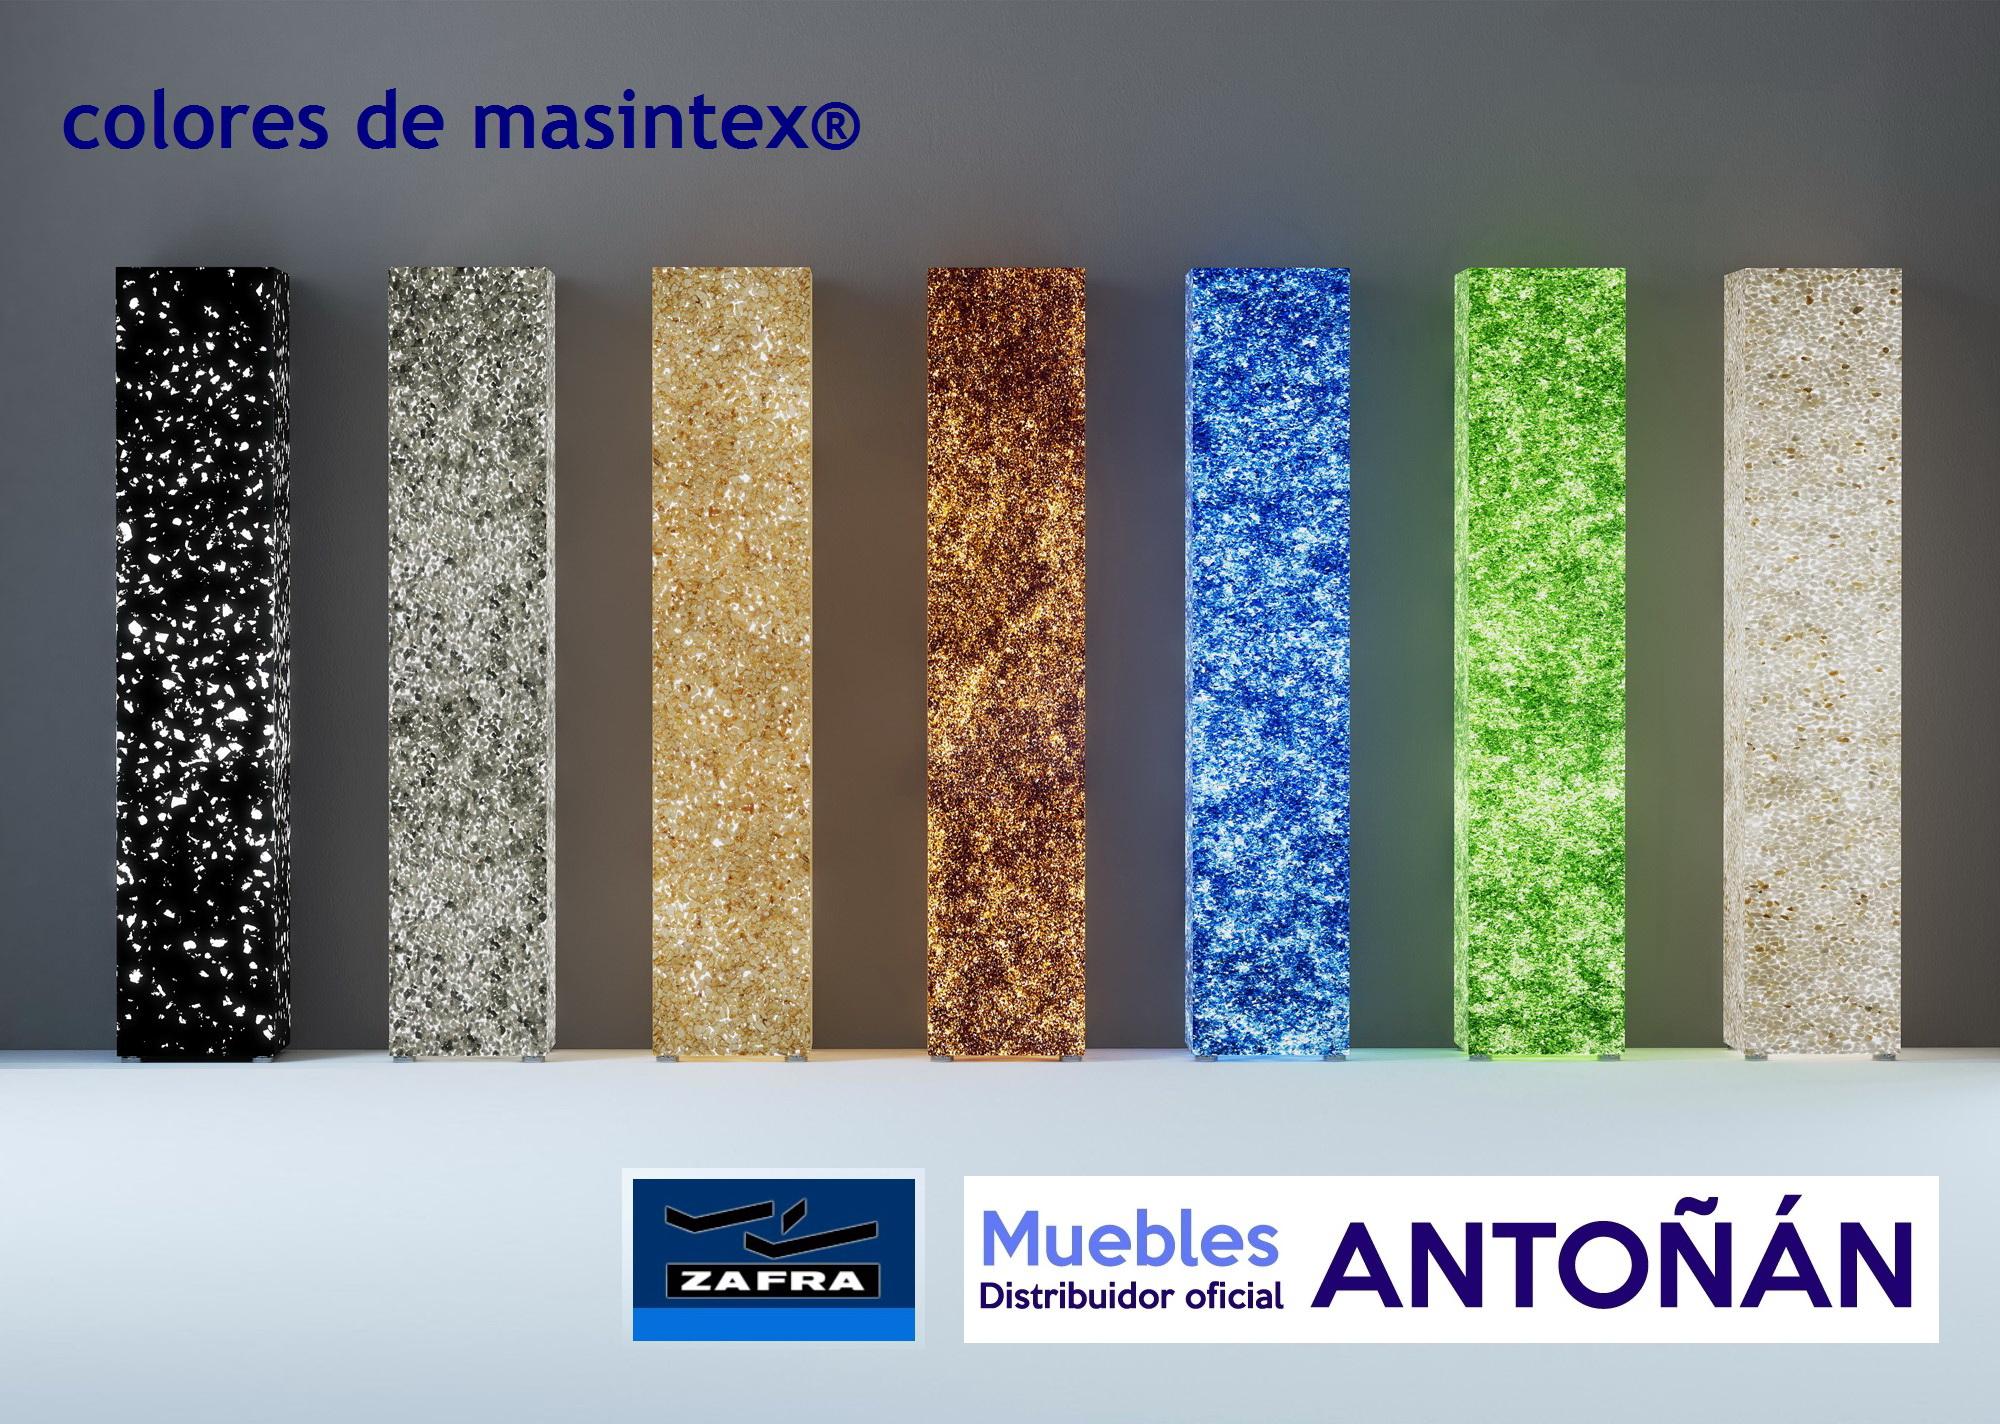 Colores masintex® Muebles Zafra distribuido por muebles antoñán®